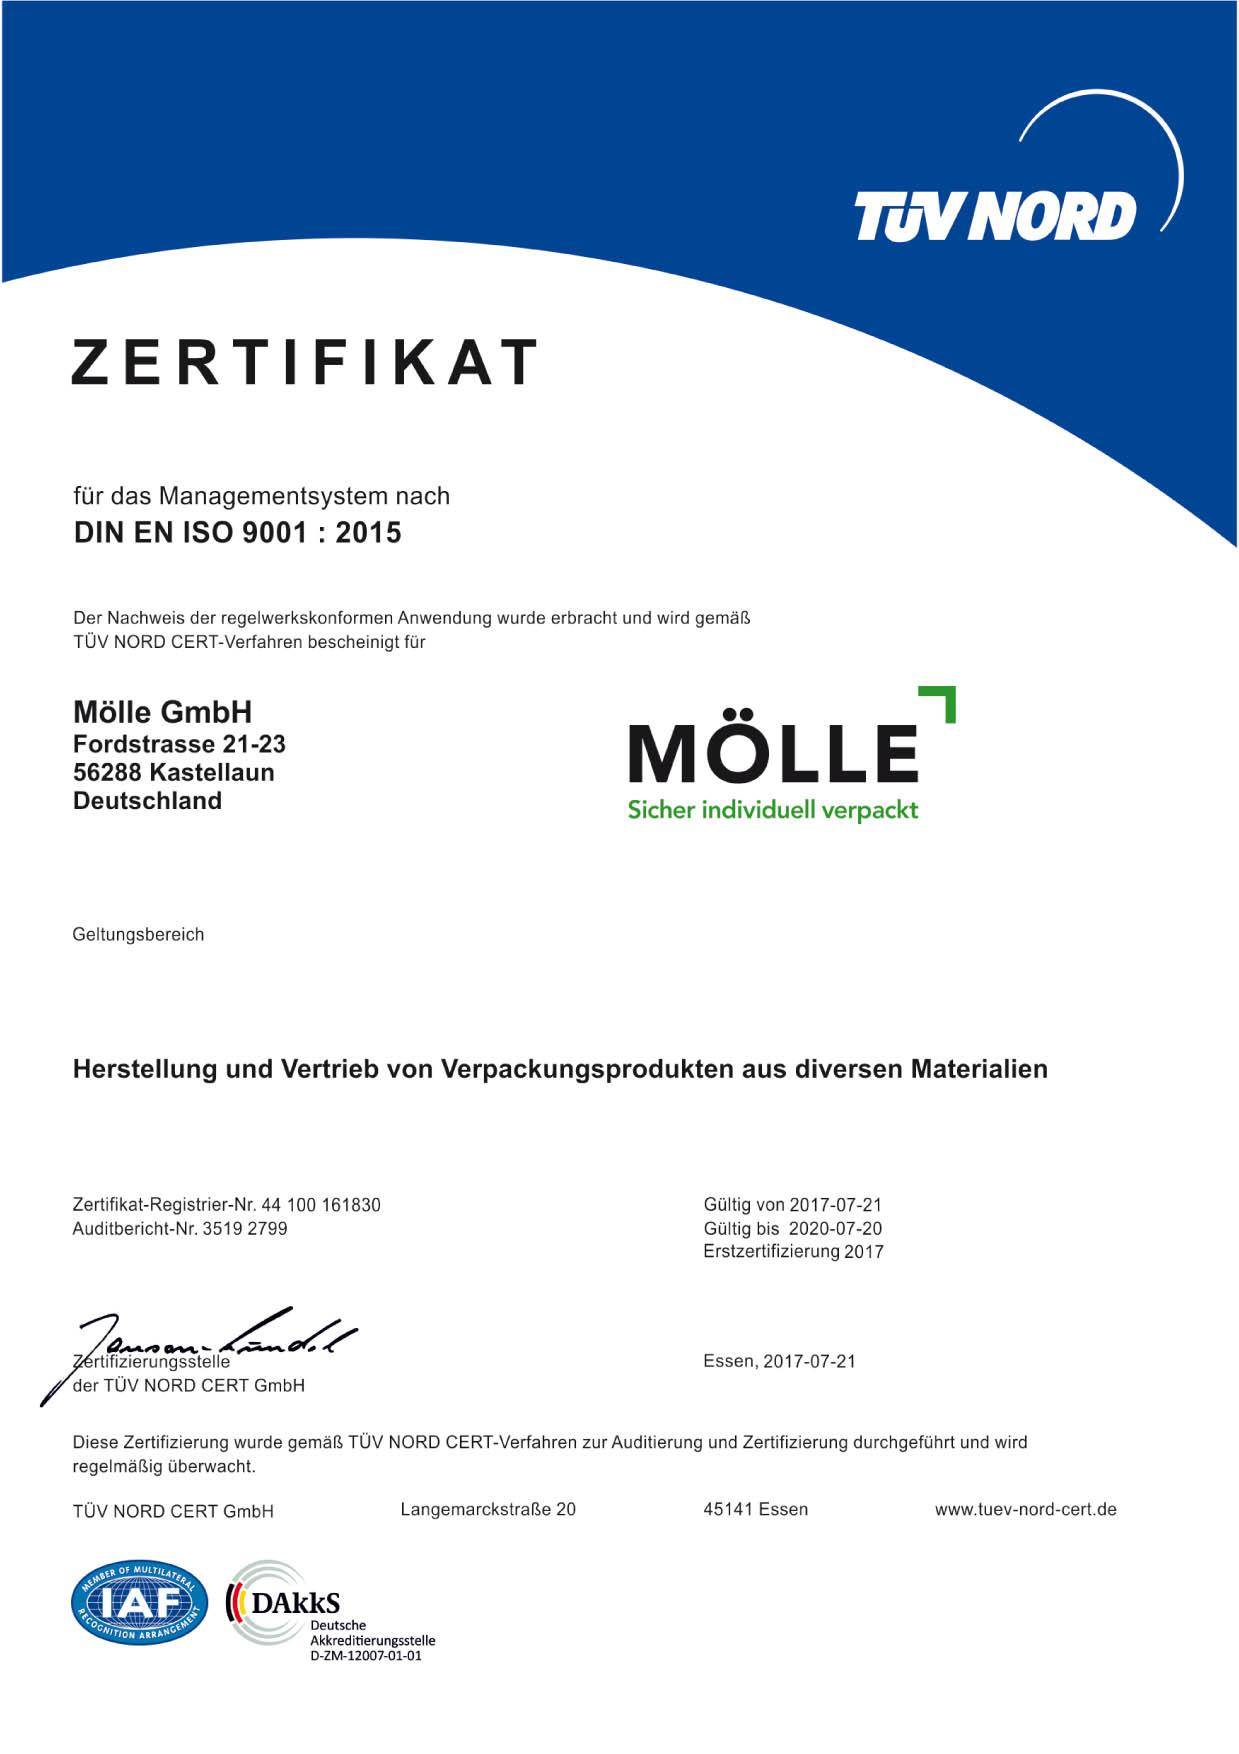 Moelle GmbH - Transportschutz